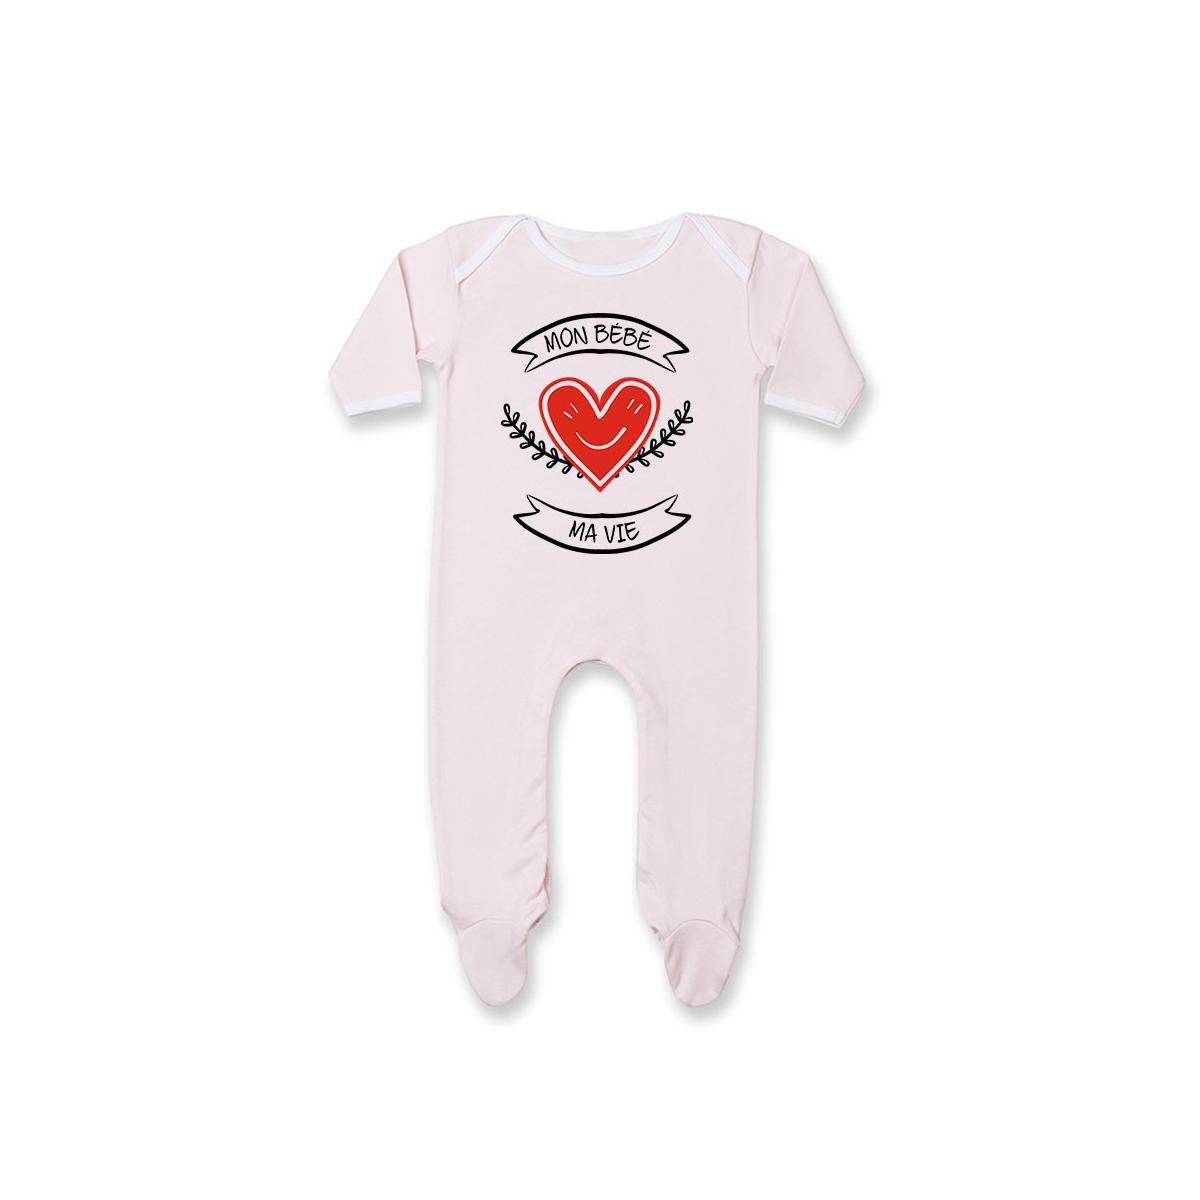 Pyjama bébé Mon bébé, ma vie